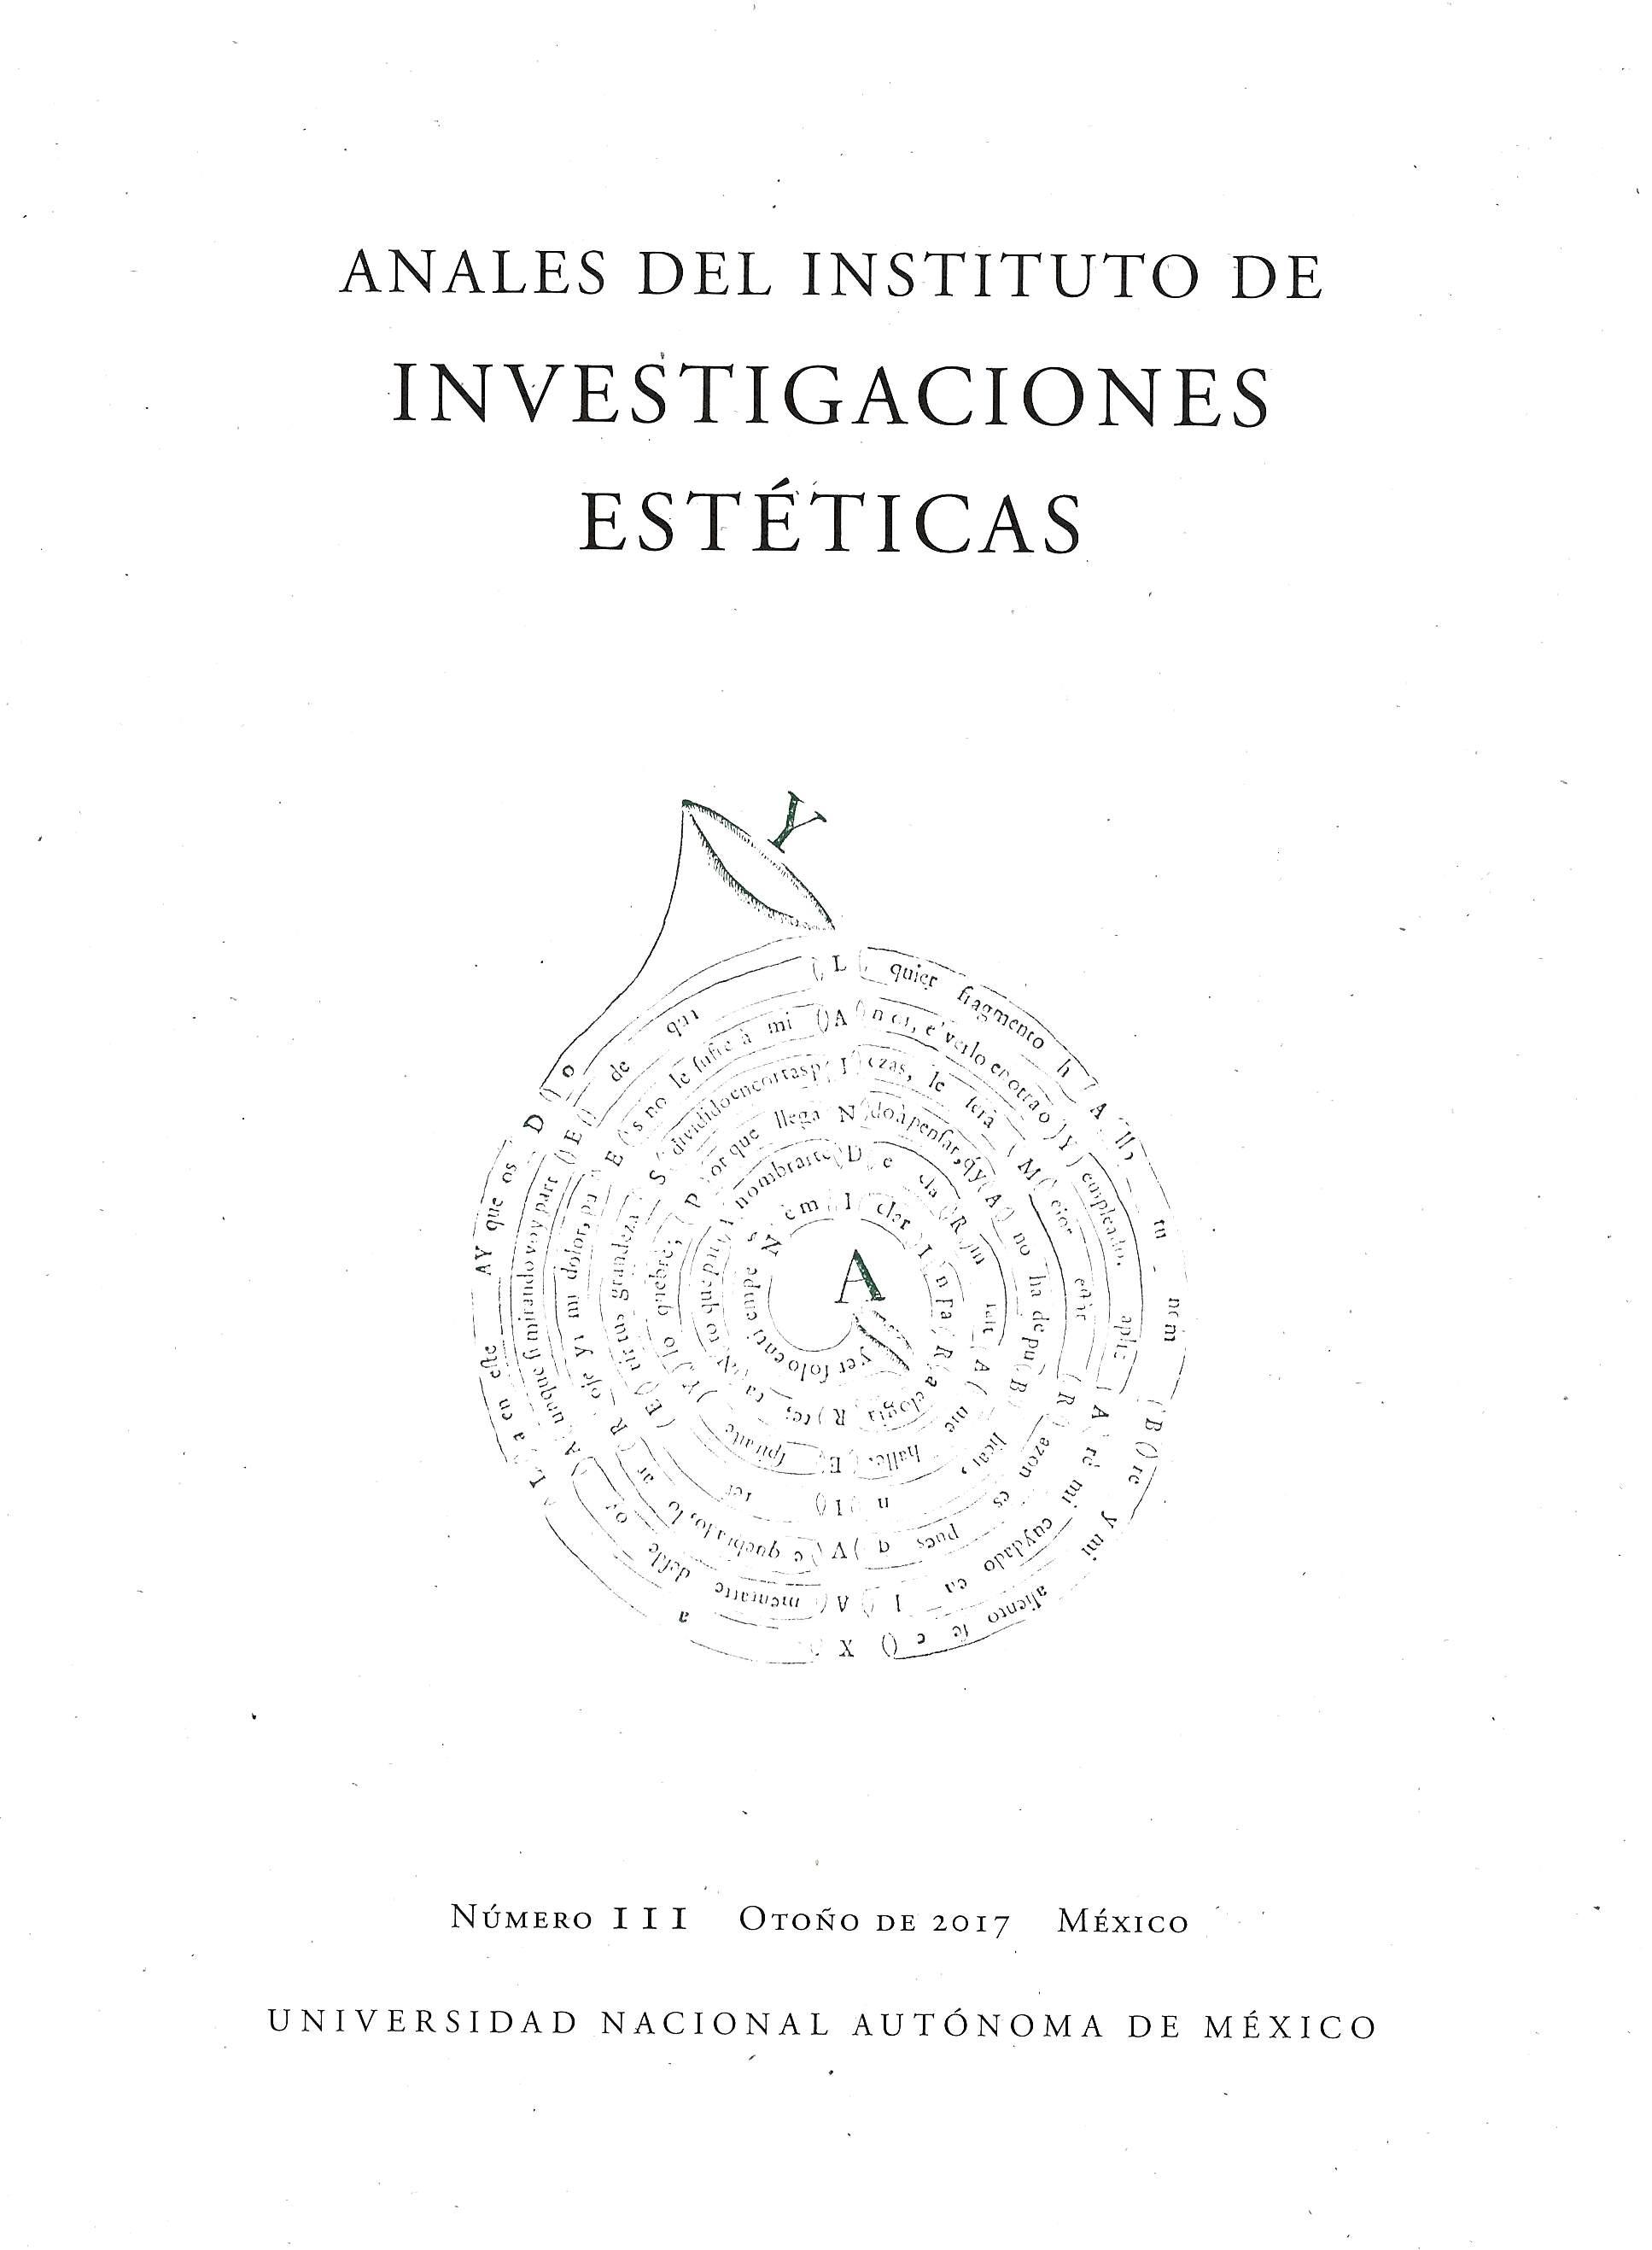 Anales del Instituto de Investigaciones Estéticas, vol. XXXIX, núm. 111, otoño de 2017